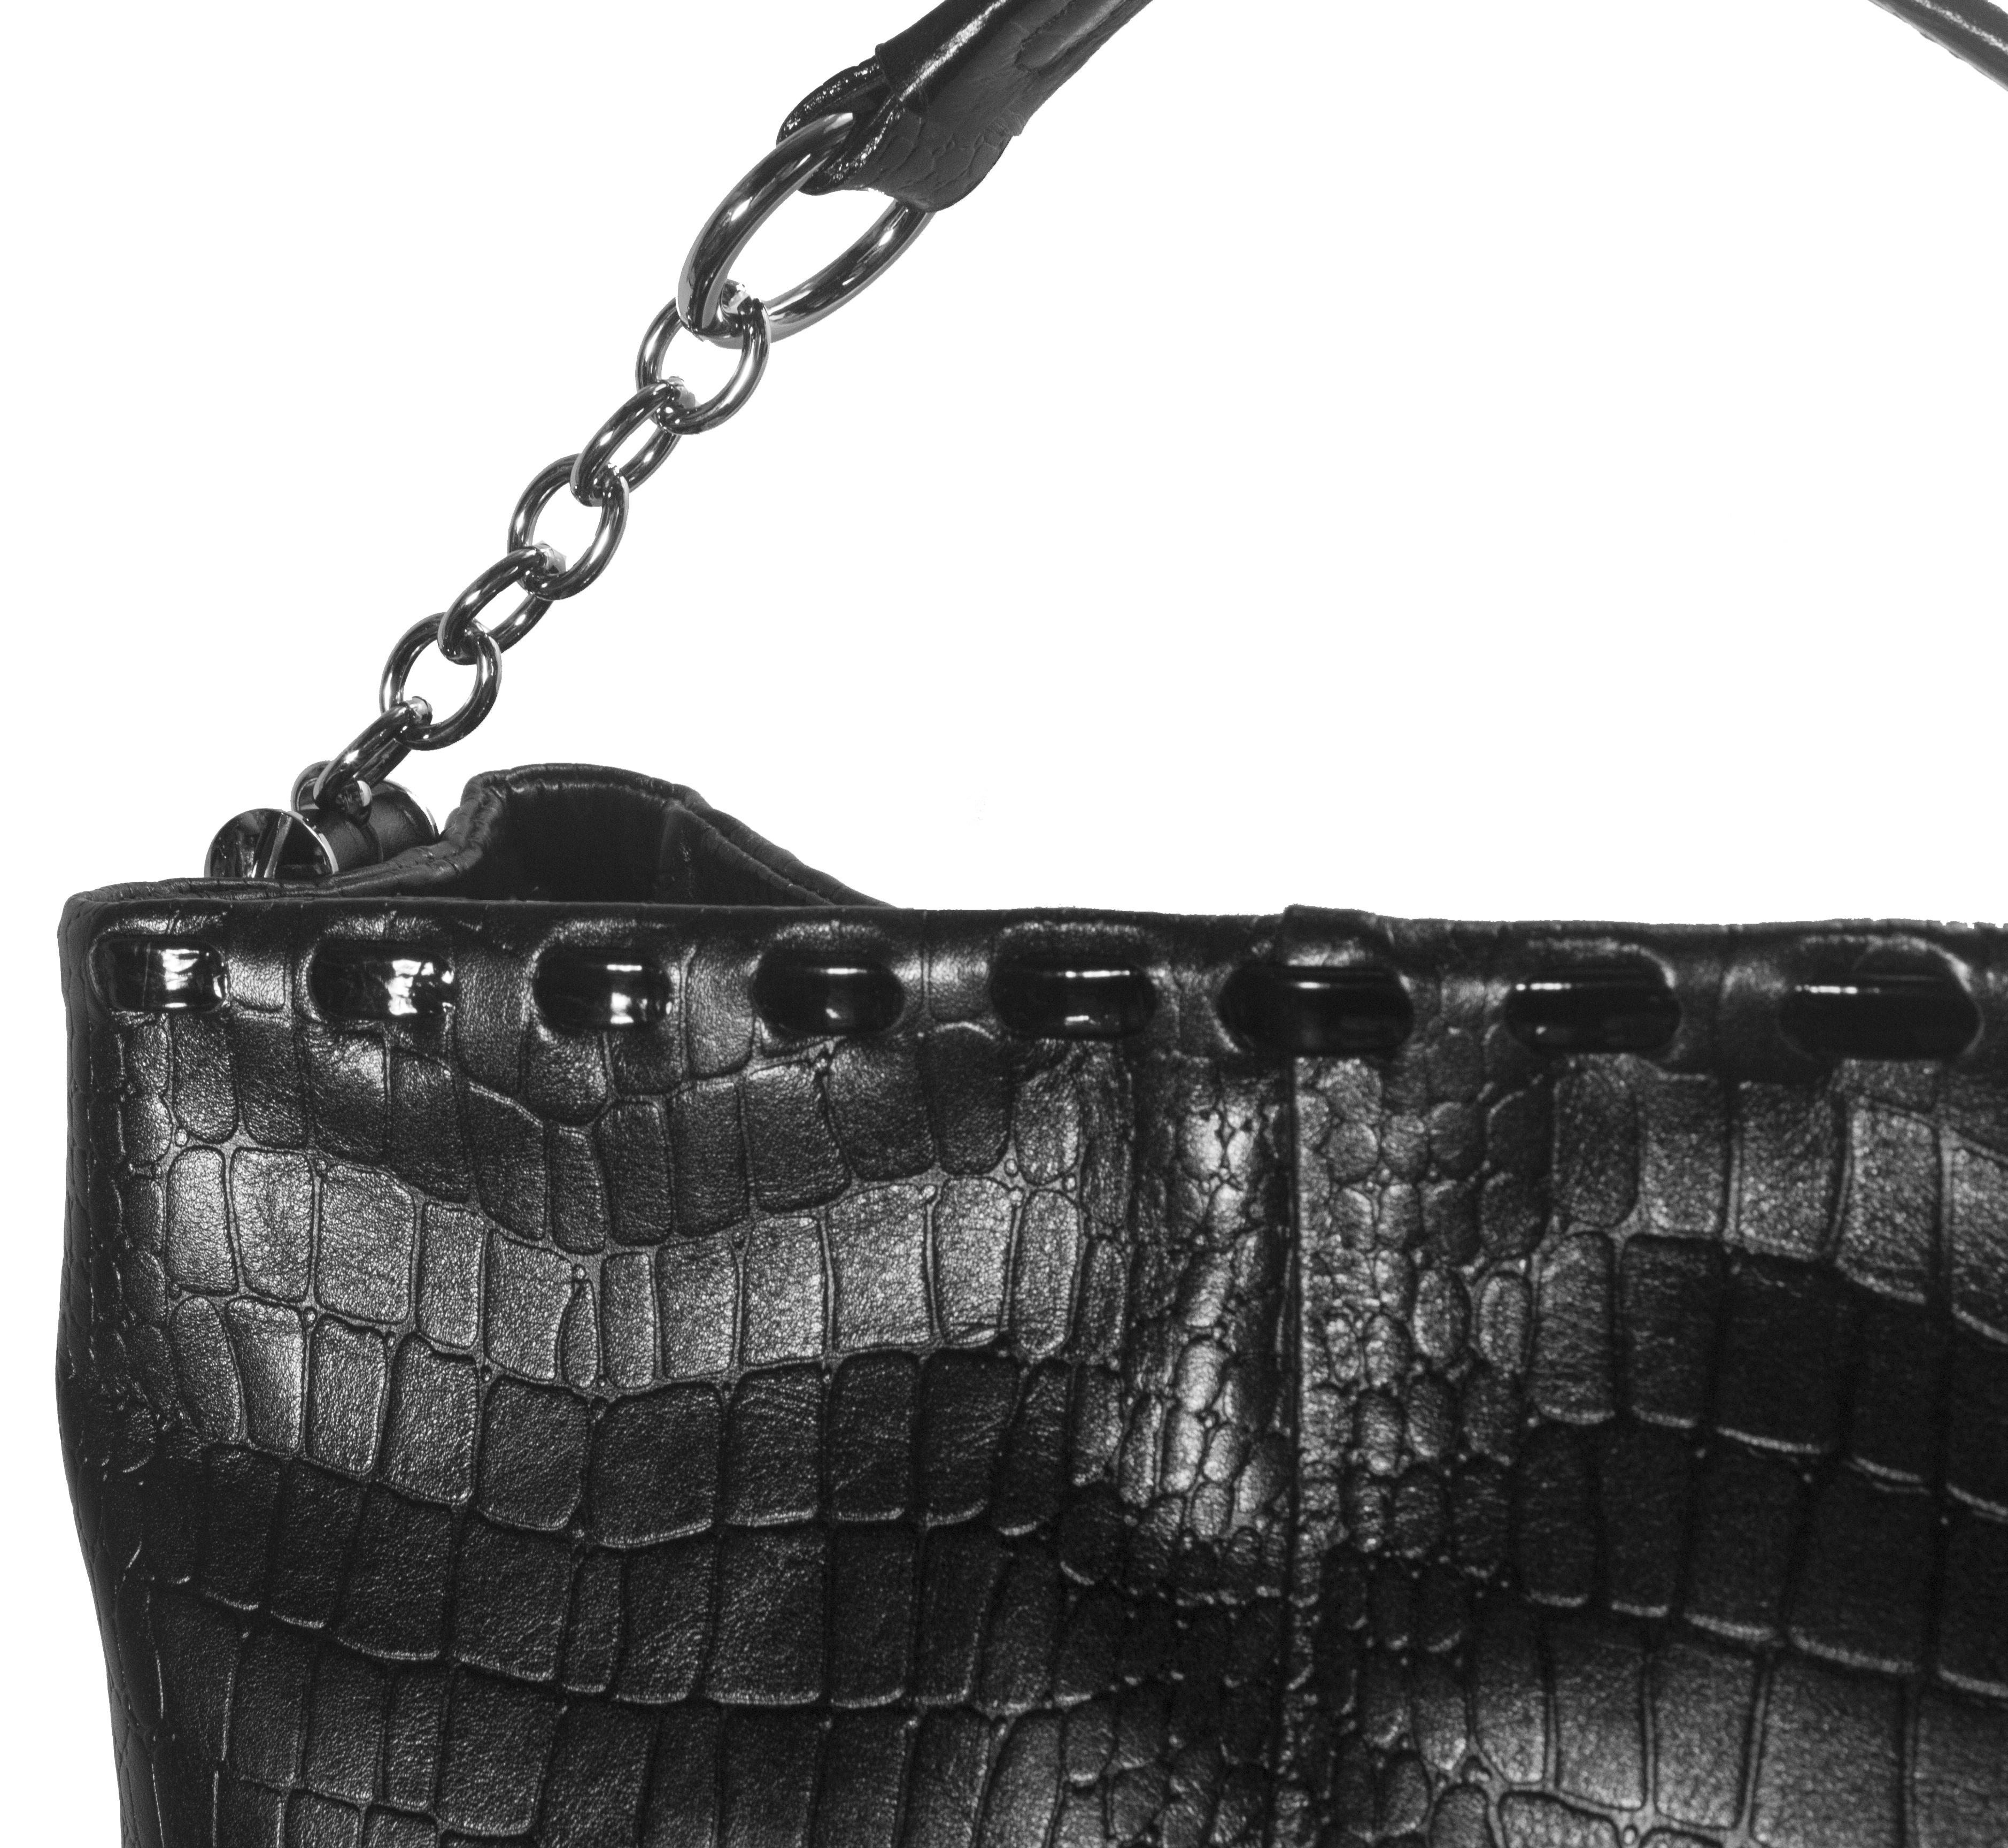 Kožená kabelka s proplétaným zdobením 11-DS261-croco-black - detail_